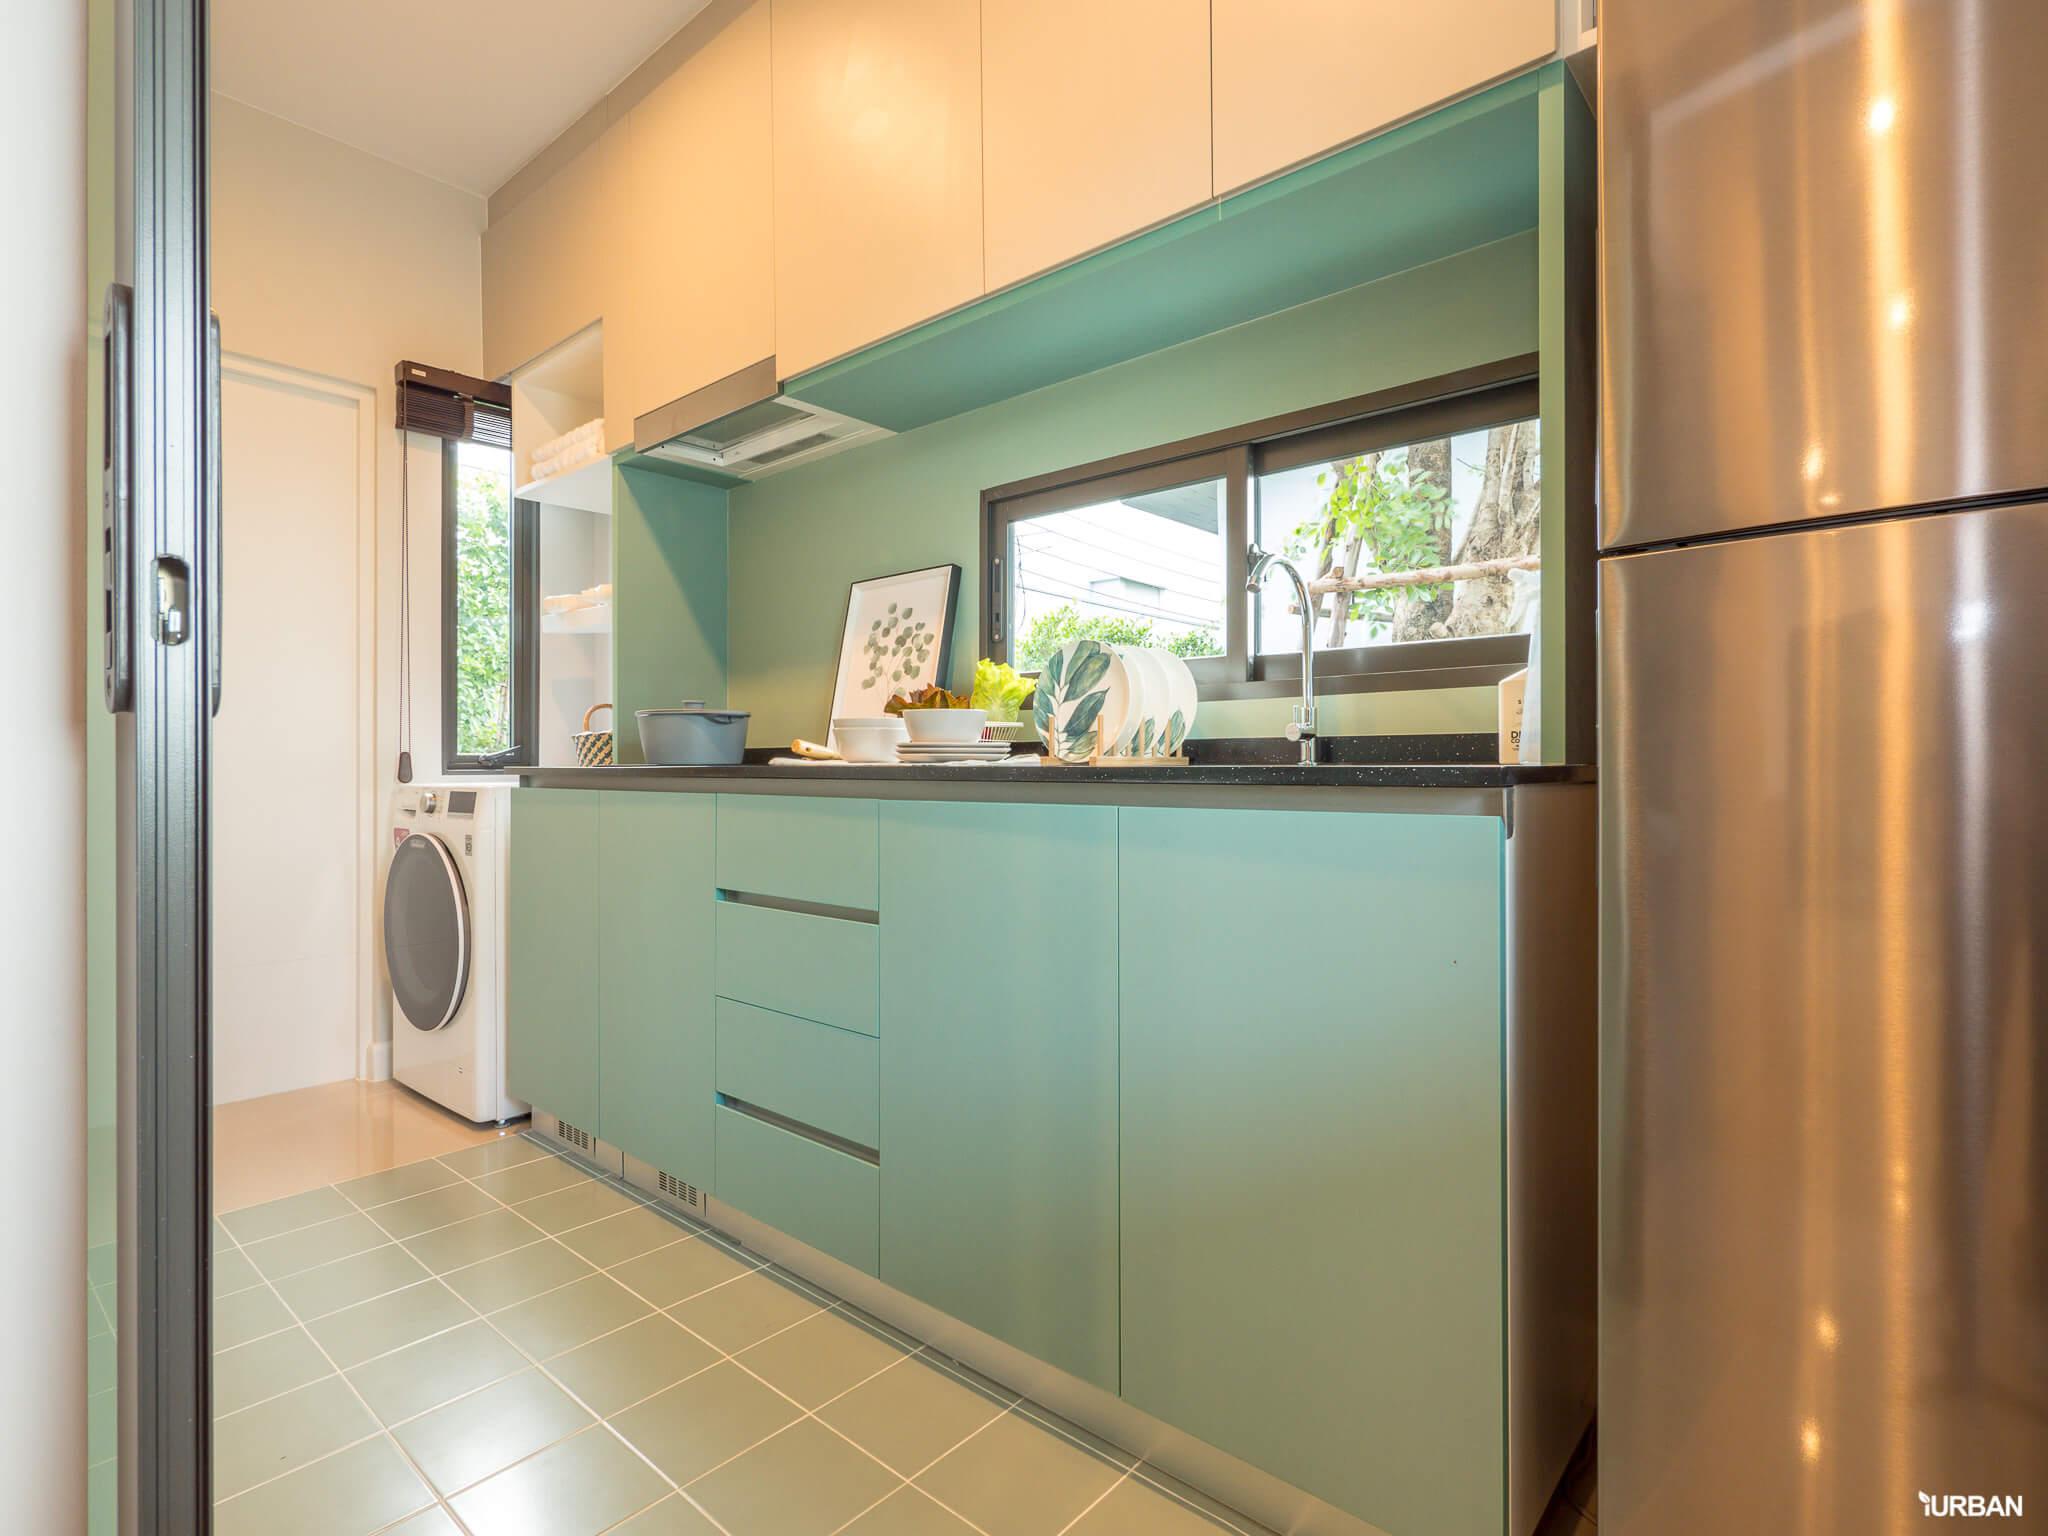 รีวิว อณาสิริ ชัยพฤกษ์-วงแหวน เมื่อแสนสิริออกแบบบ้านใหม่ Feel Just Right ใช้งานได้ลงตัว 95 - Anasiri